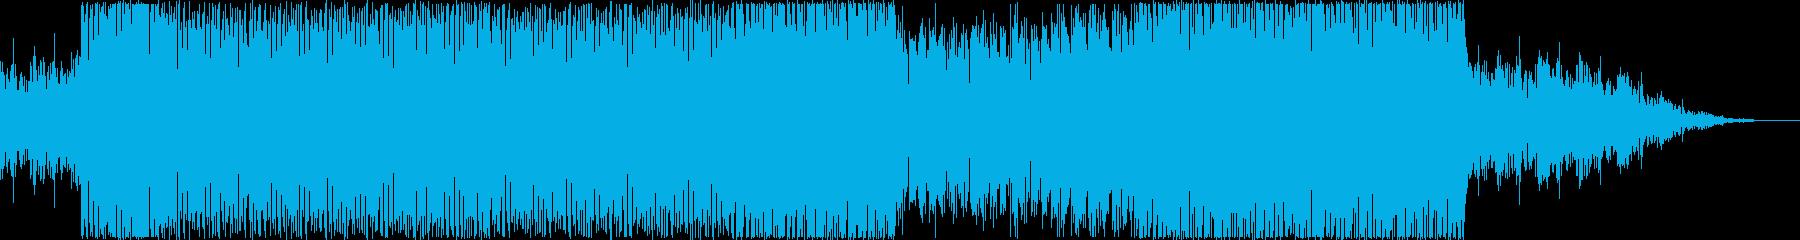 流れるようなテクノの再生済みの波形